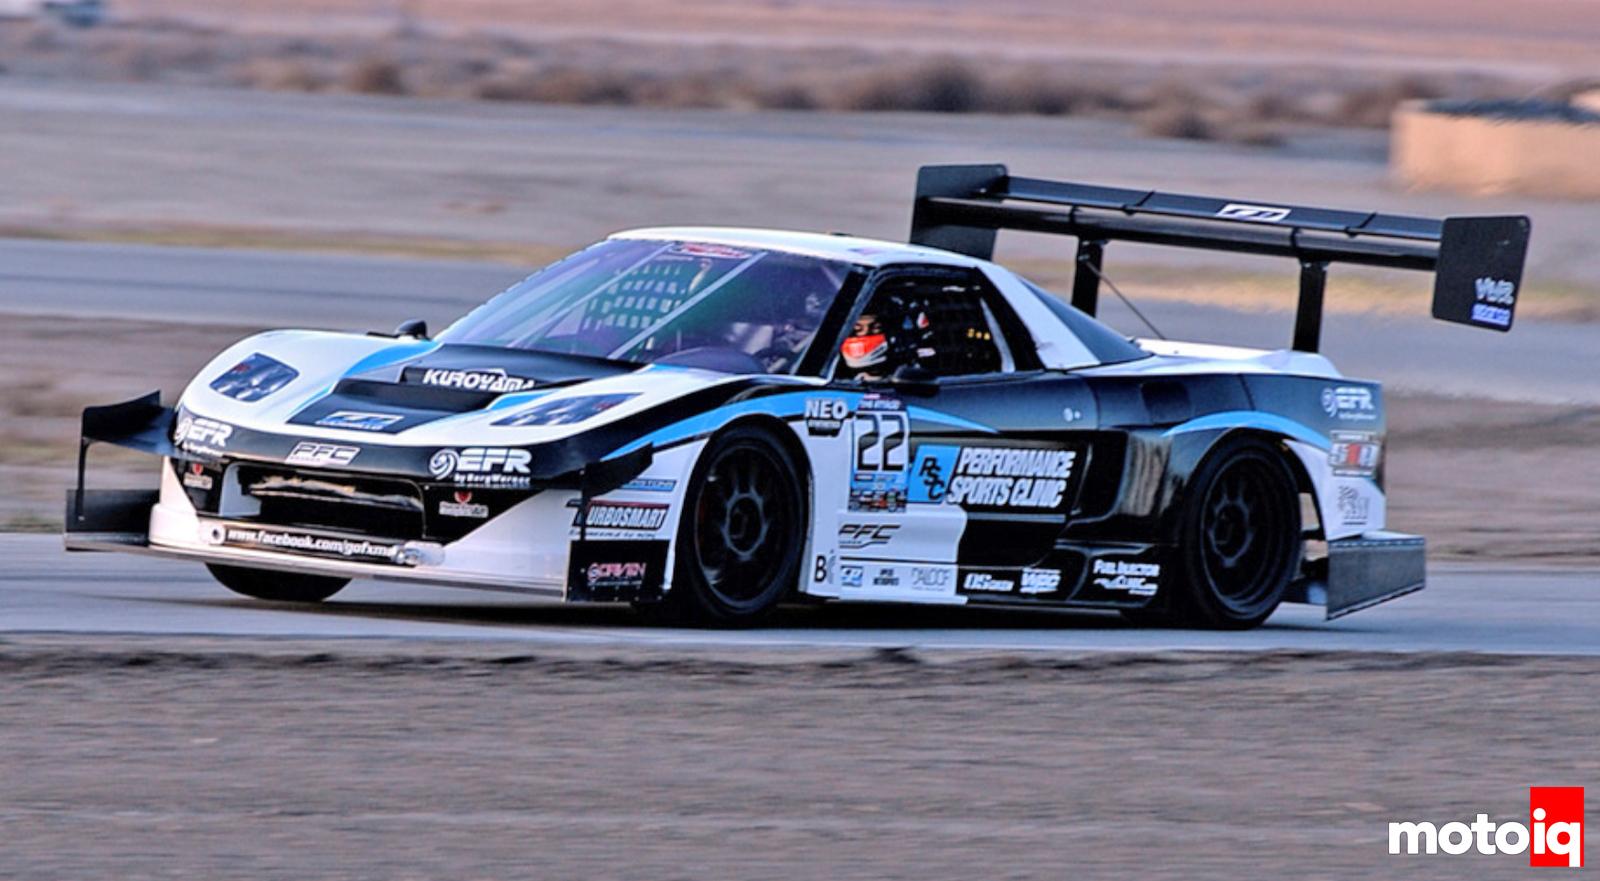 FX Motorsports Development NSX Billy Johnson PFC Brakes